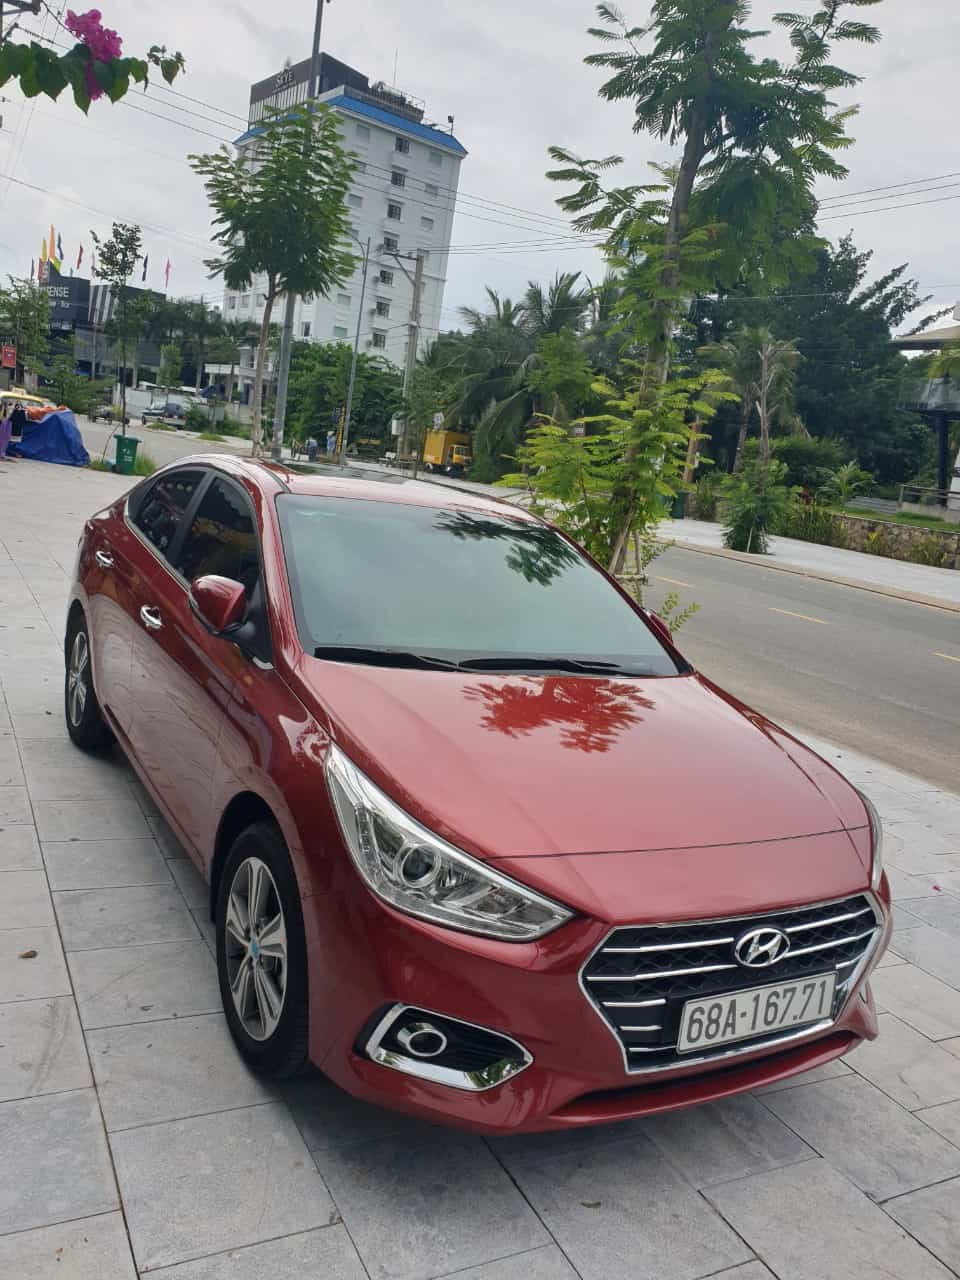 Kinh nghiệm thuê xe ô tô tự lái và có lái ở Phú Quốc